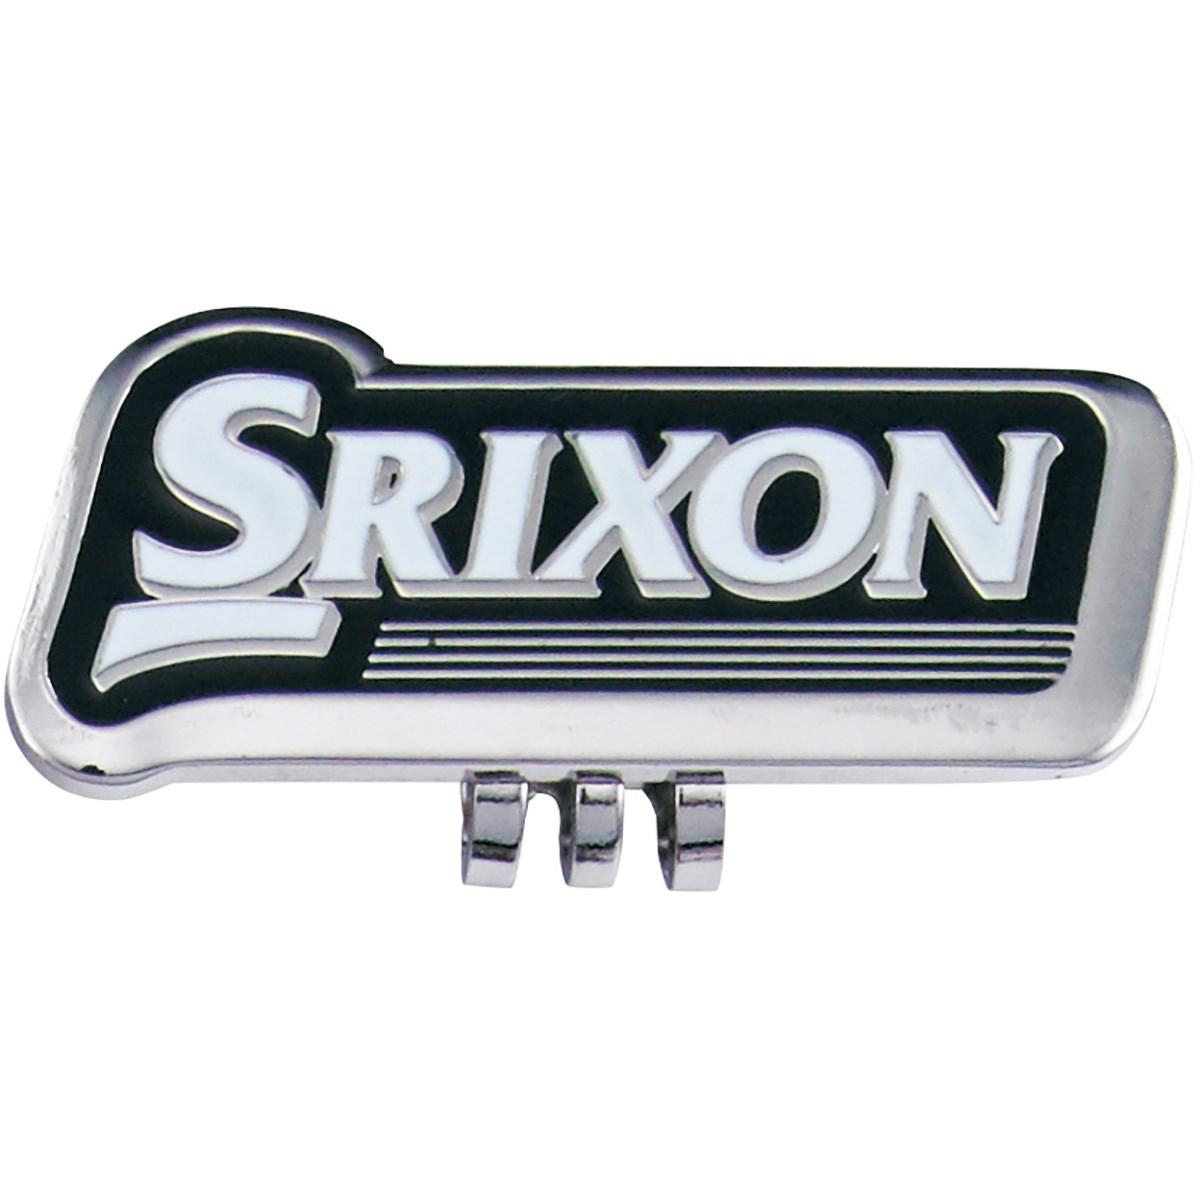 ダンロップ SRIXON クリップ&マーカー ブラック